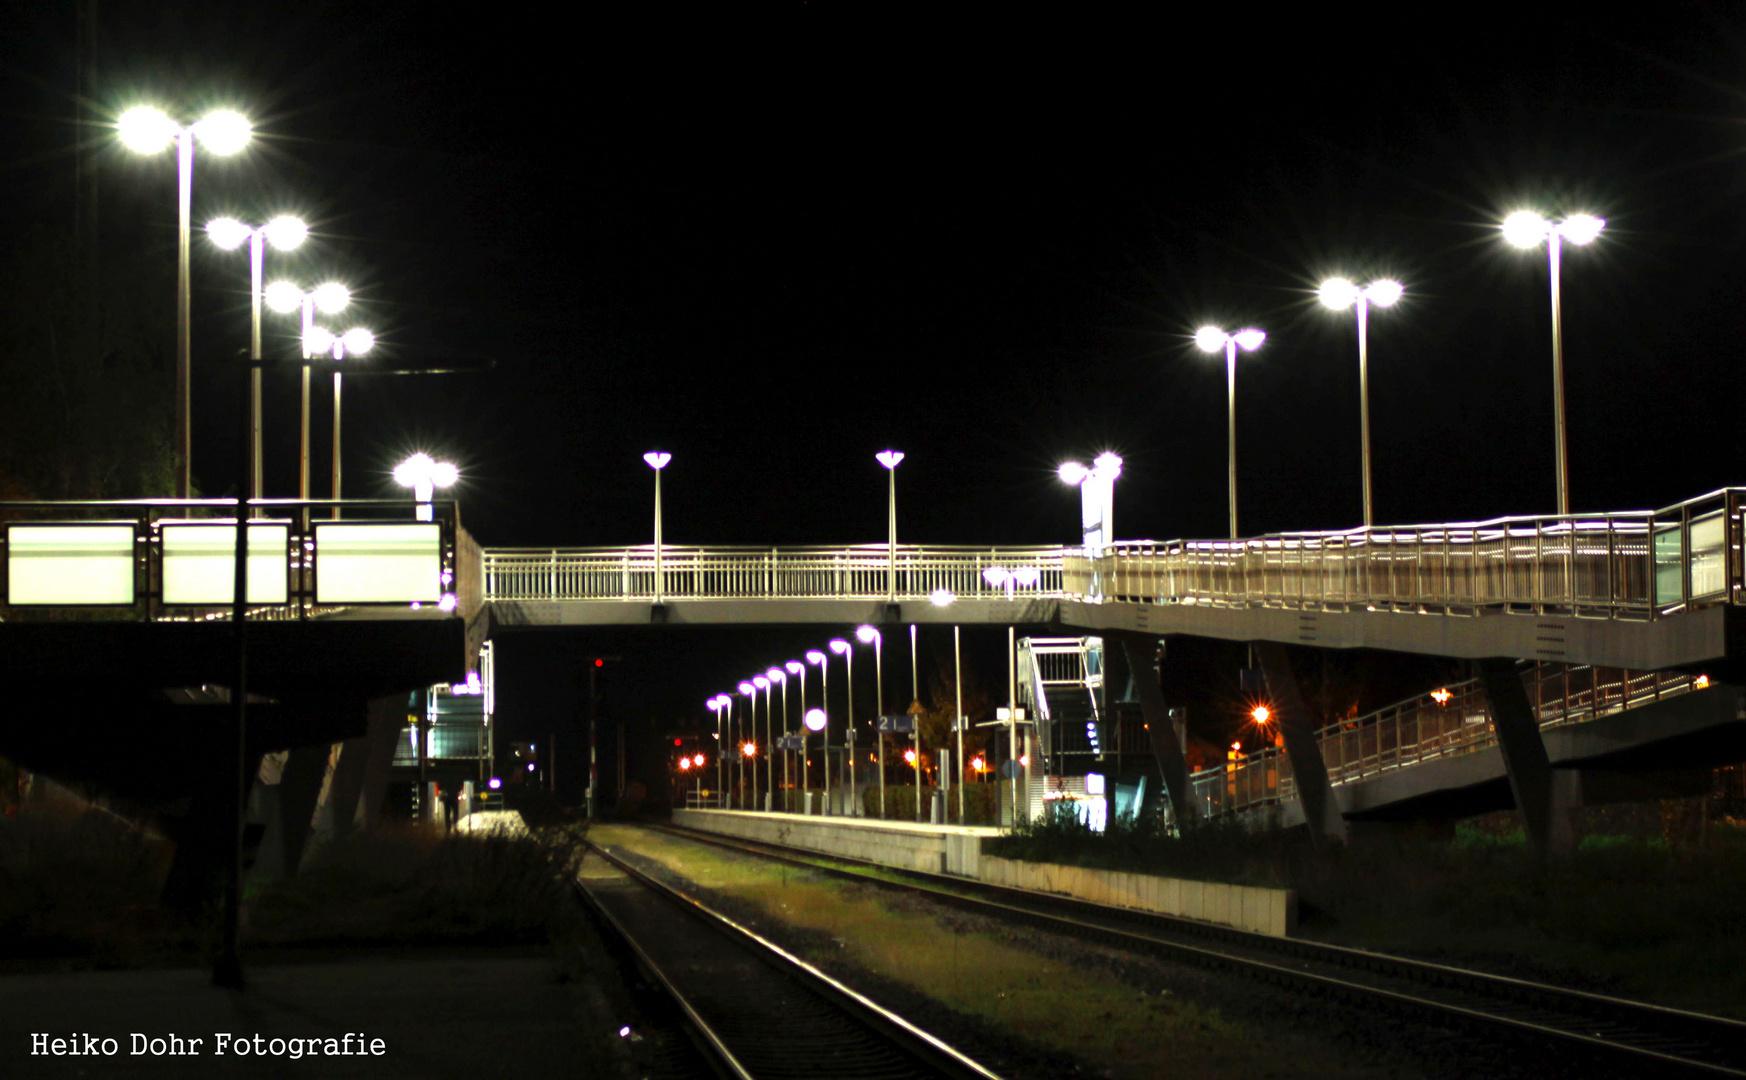 Kevelaer bei Nacht#1